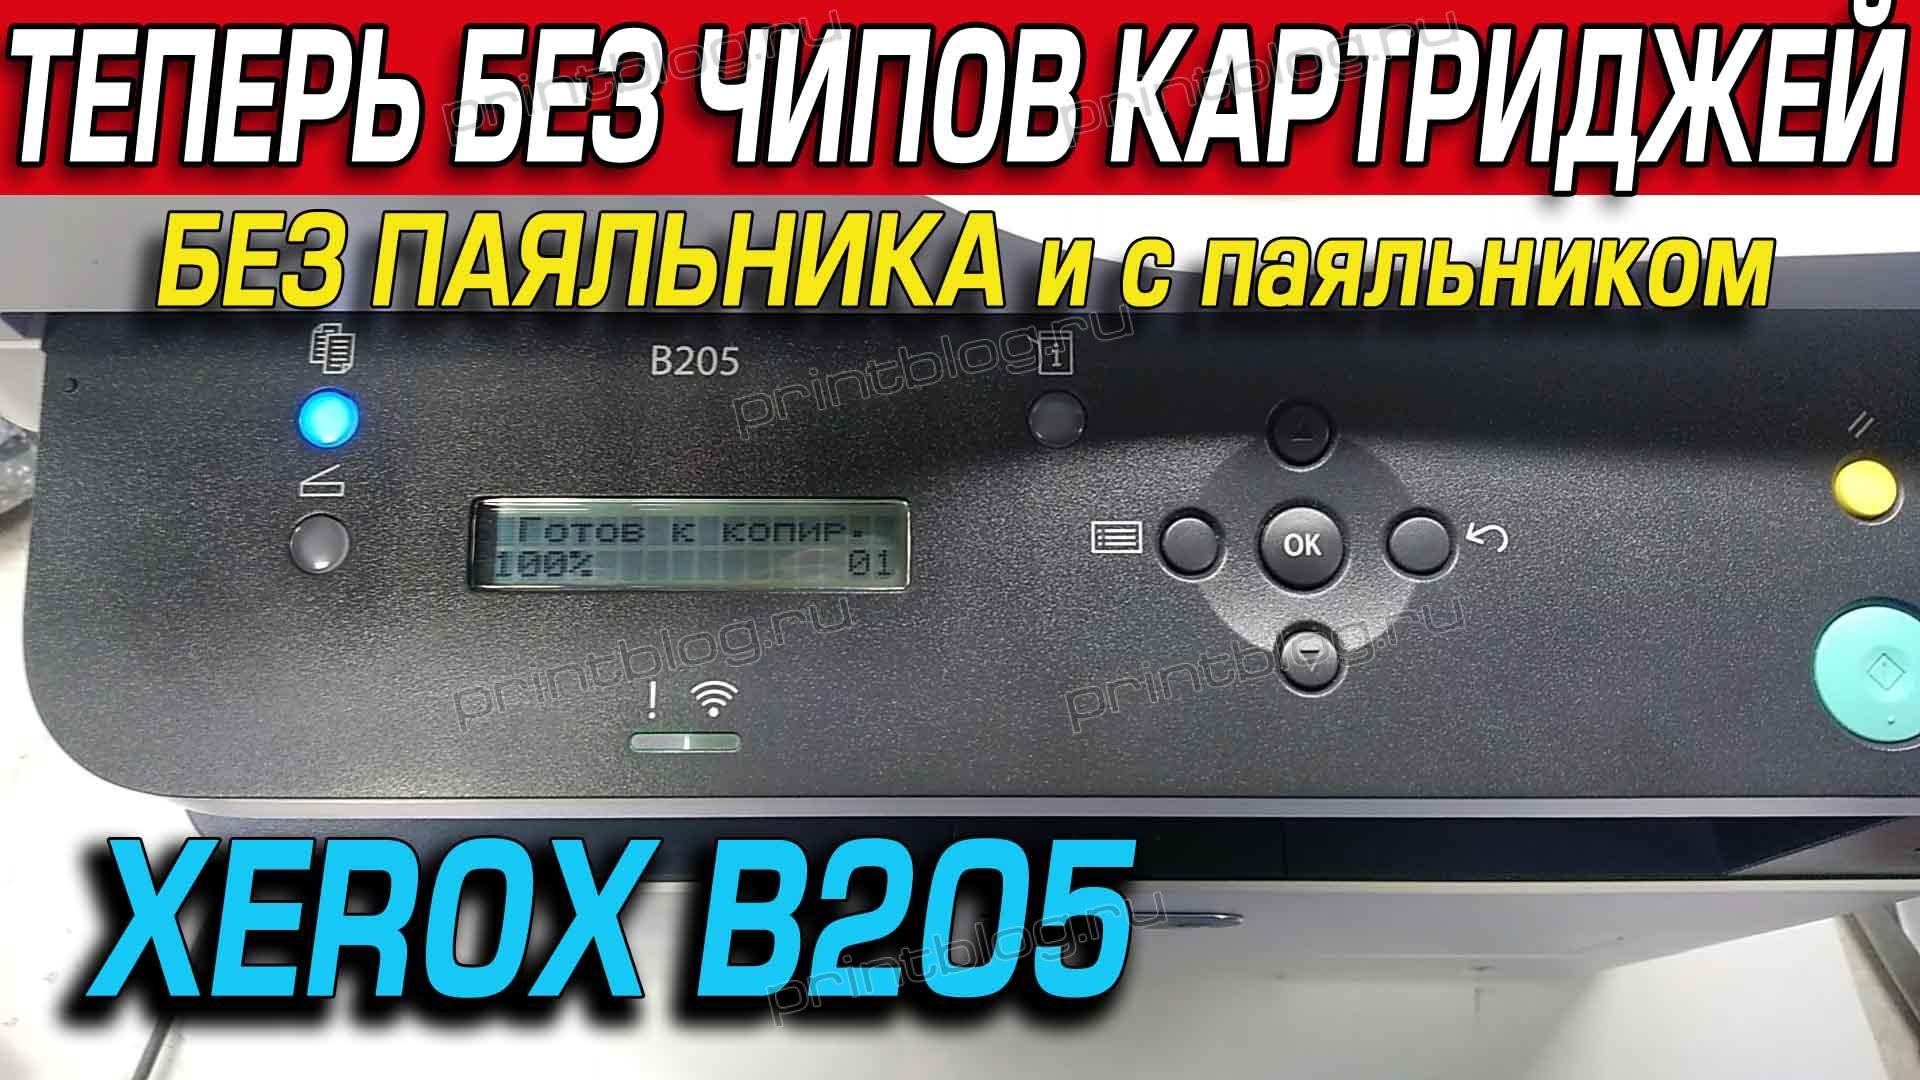 XEROX B205 как отключить чип картриджа, прошивка, понижение версии